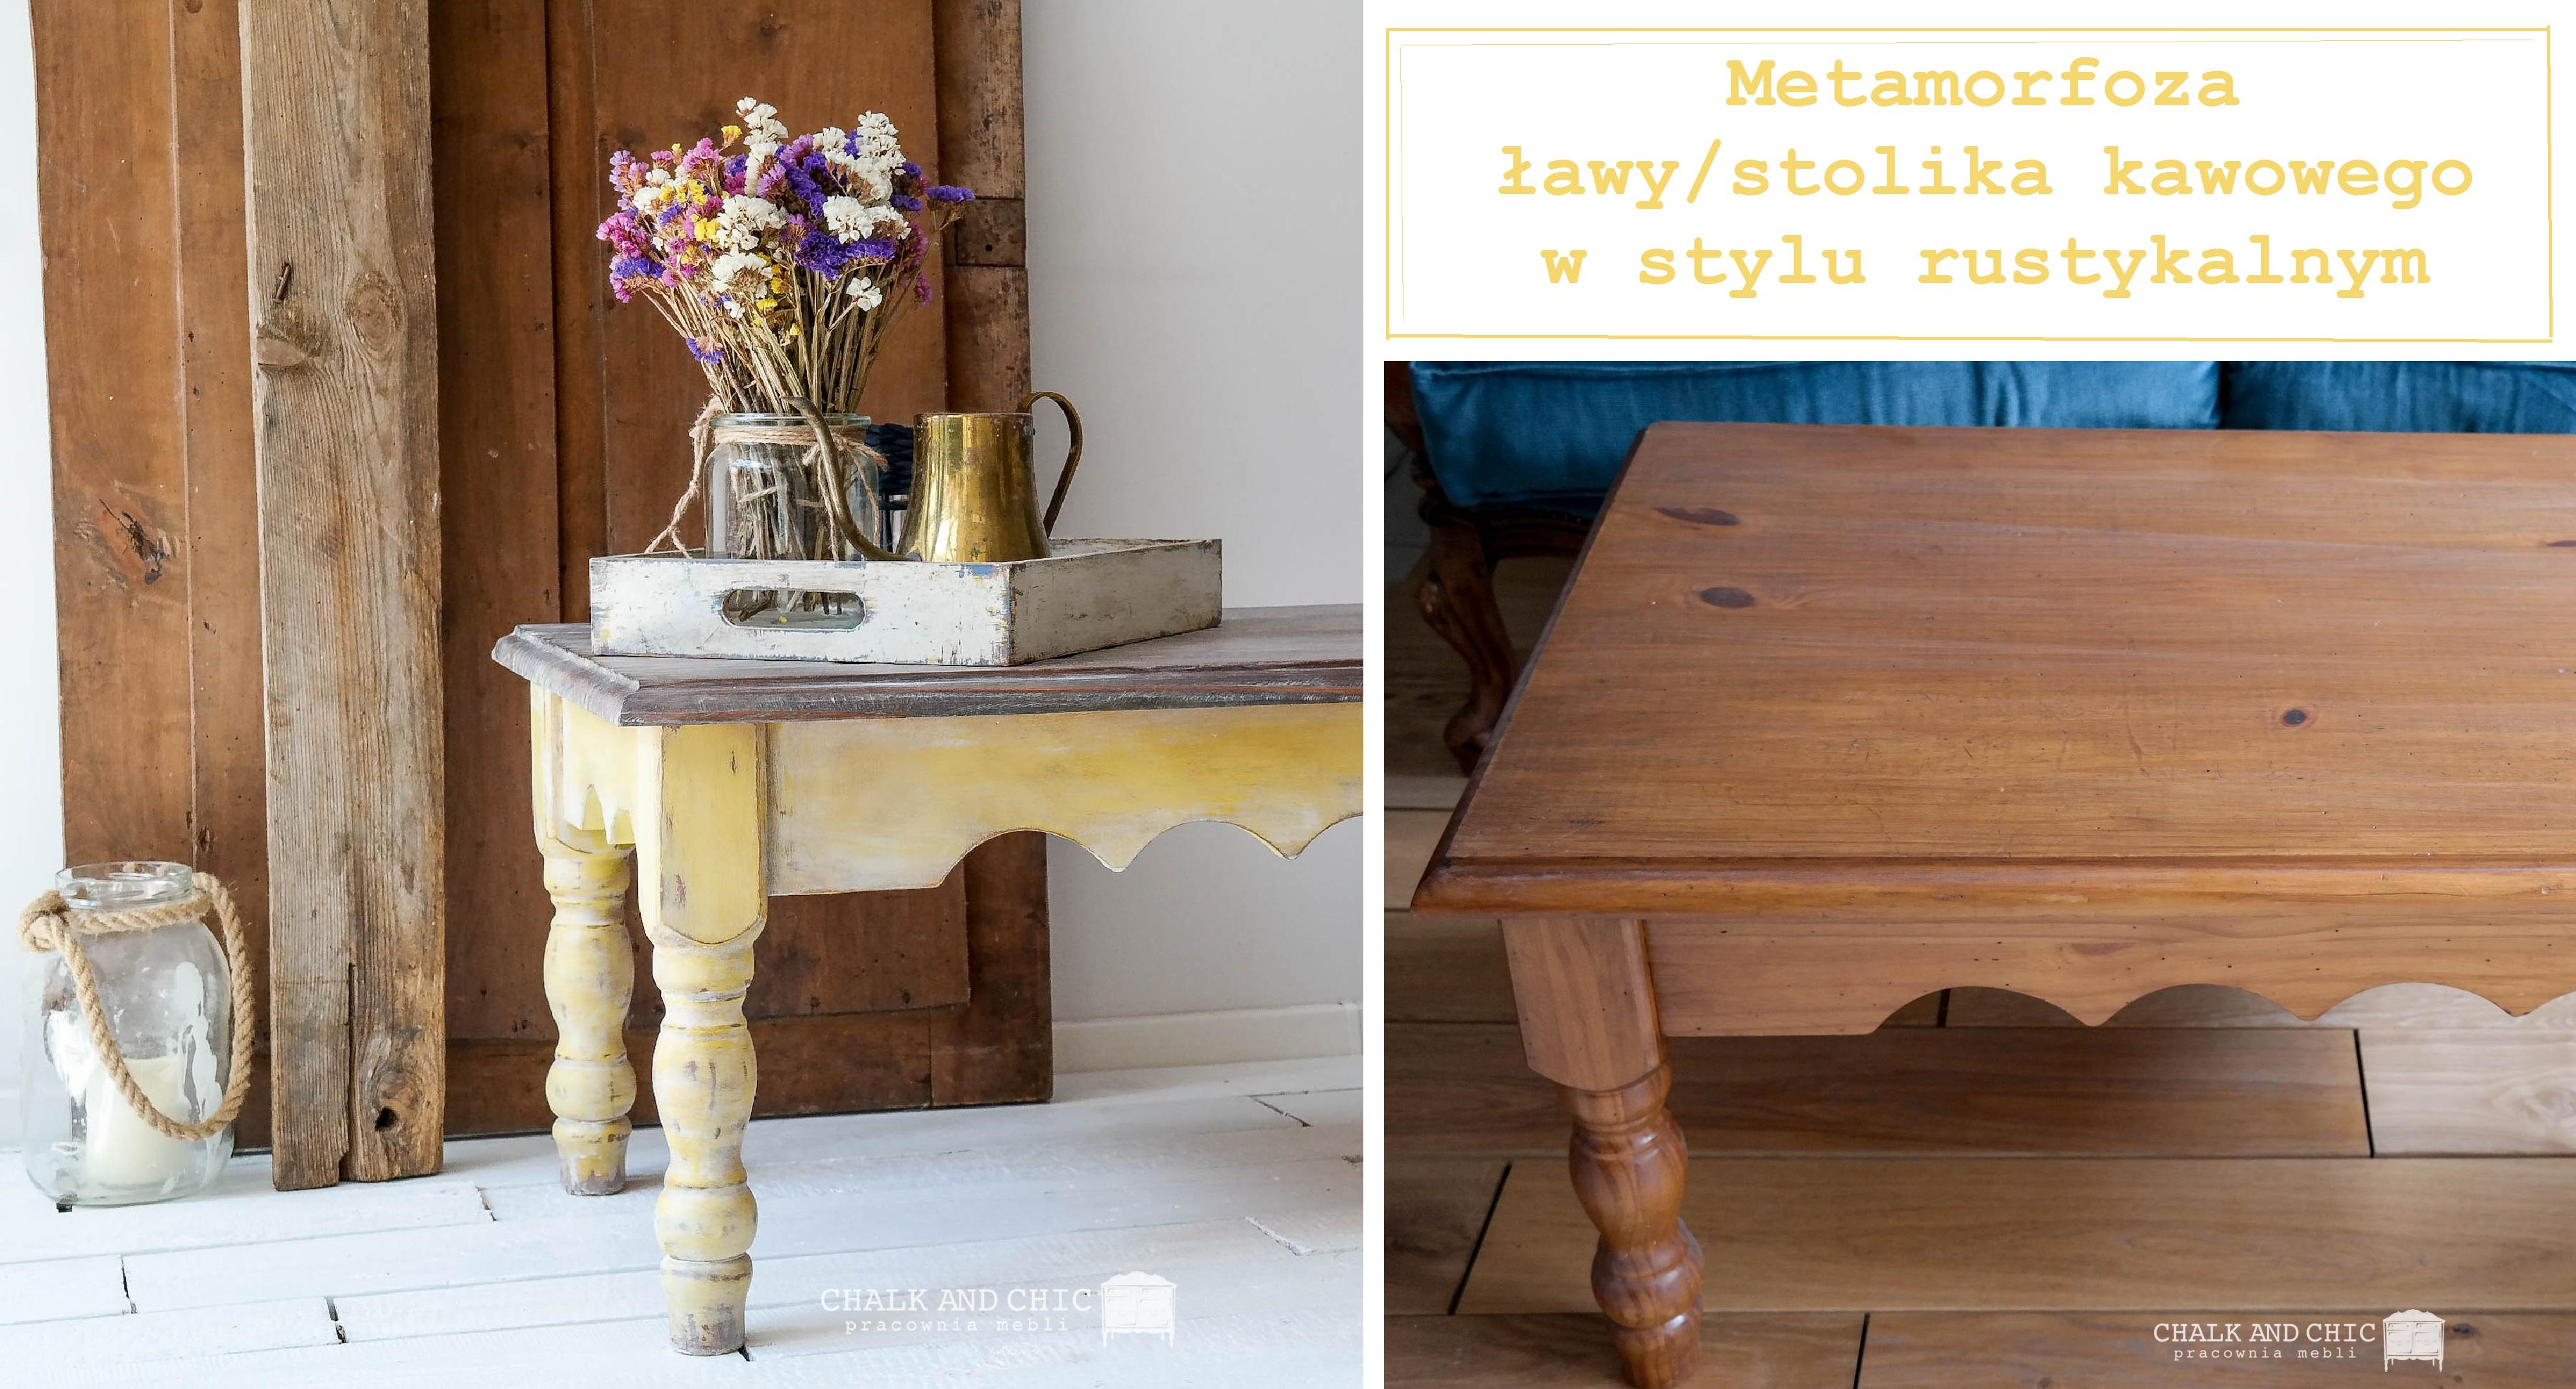 metamorfoza ławy/stolika kawowego w rustykalnym stylu